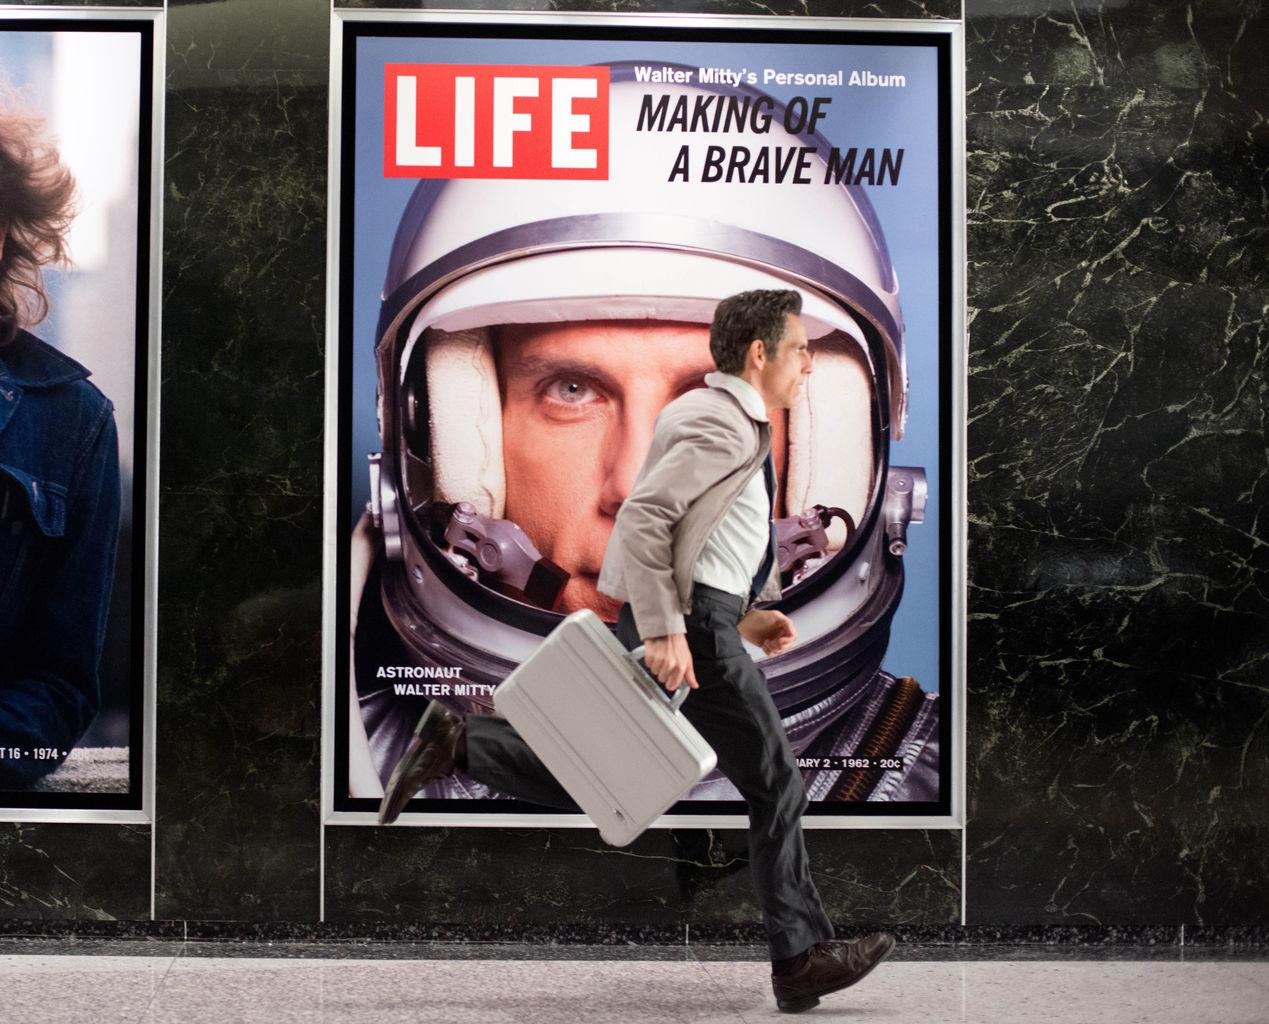 たけうちんぐ 映画 死ぬまでには観ておきたい映画のこと LIFE! ベン・スティラー ショーン・ペン クリステン・ウィグ シャーリー・マクレーン アダム・スコット パットン・オズワルト キャスリン・ハーン 20世紀フォックス映画 アドベンチャー 空想 現実 ユーモア 人生 ラブロマンス ヒーロー